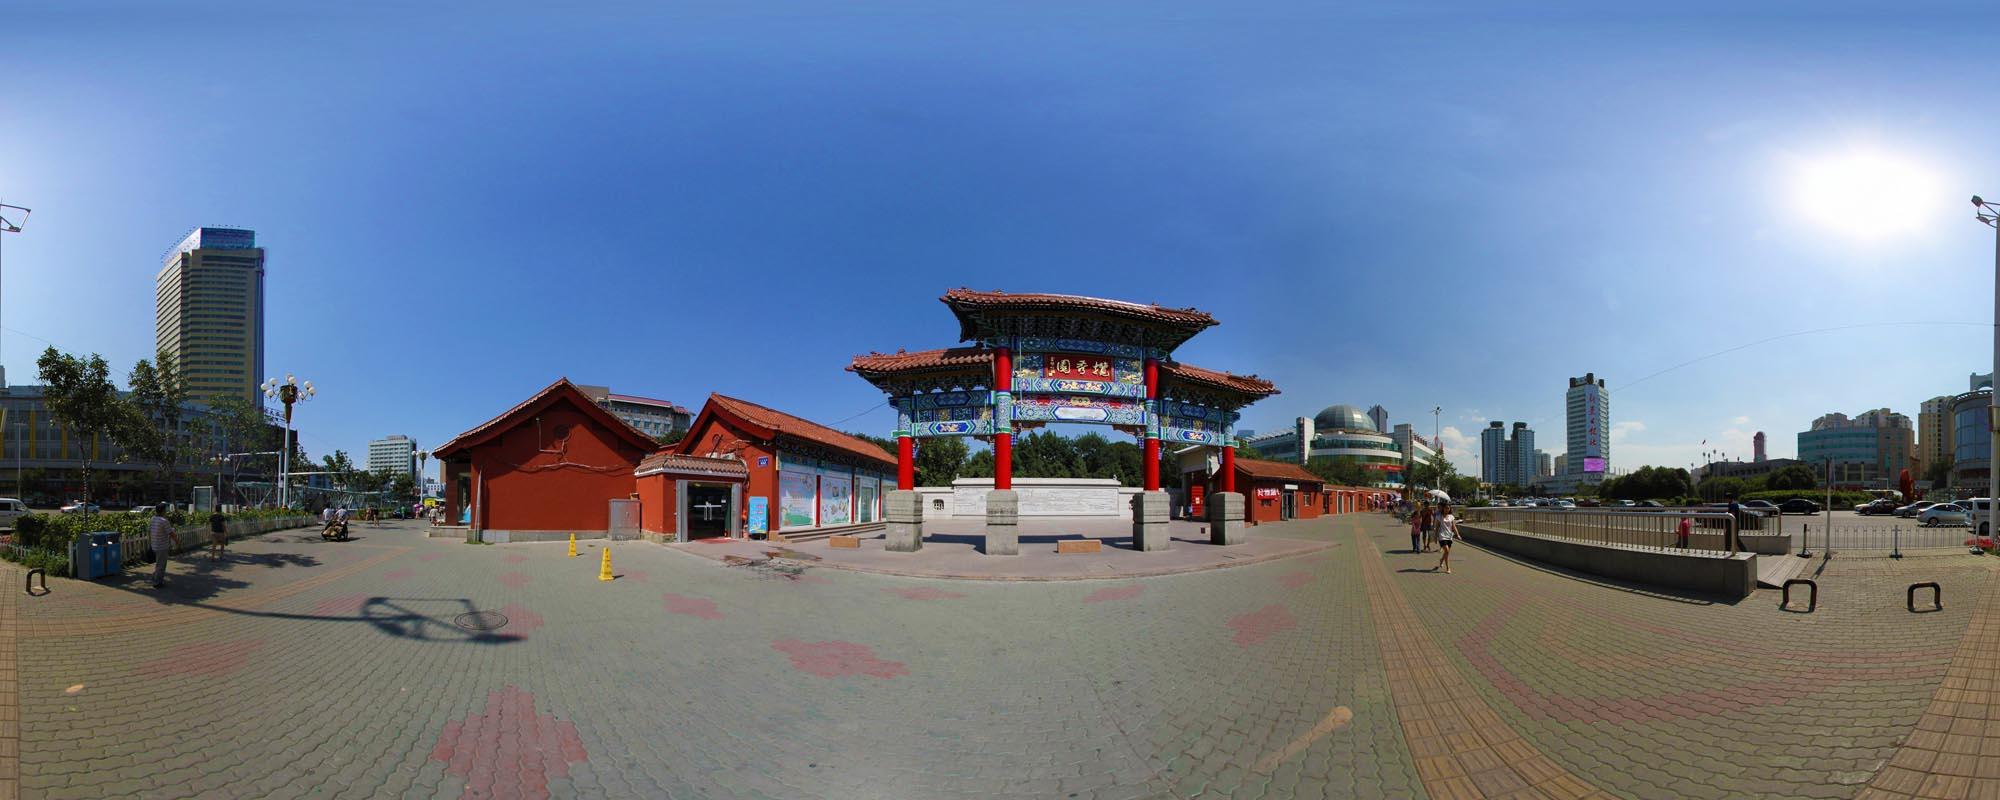 乌鲁木齐虚拟旅游